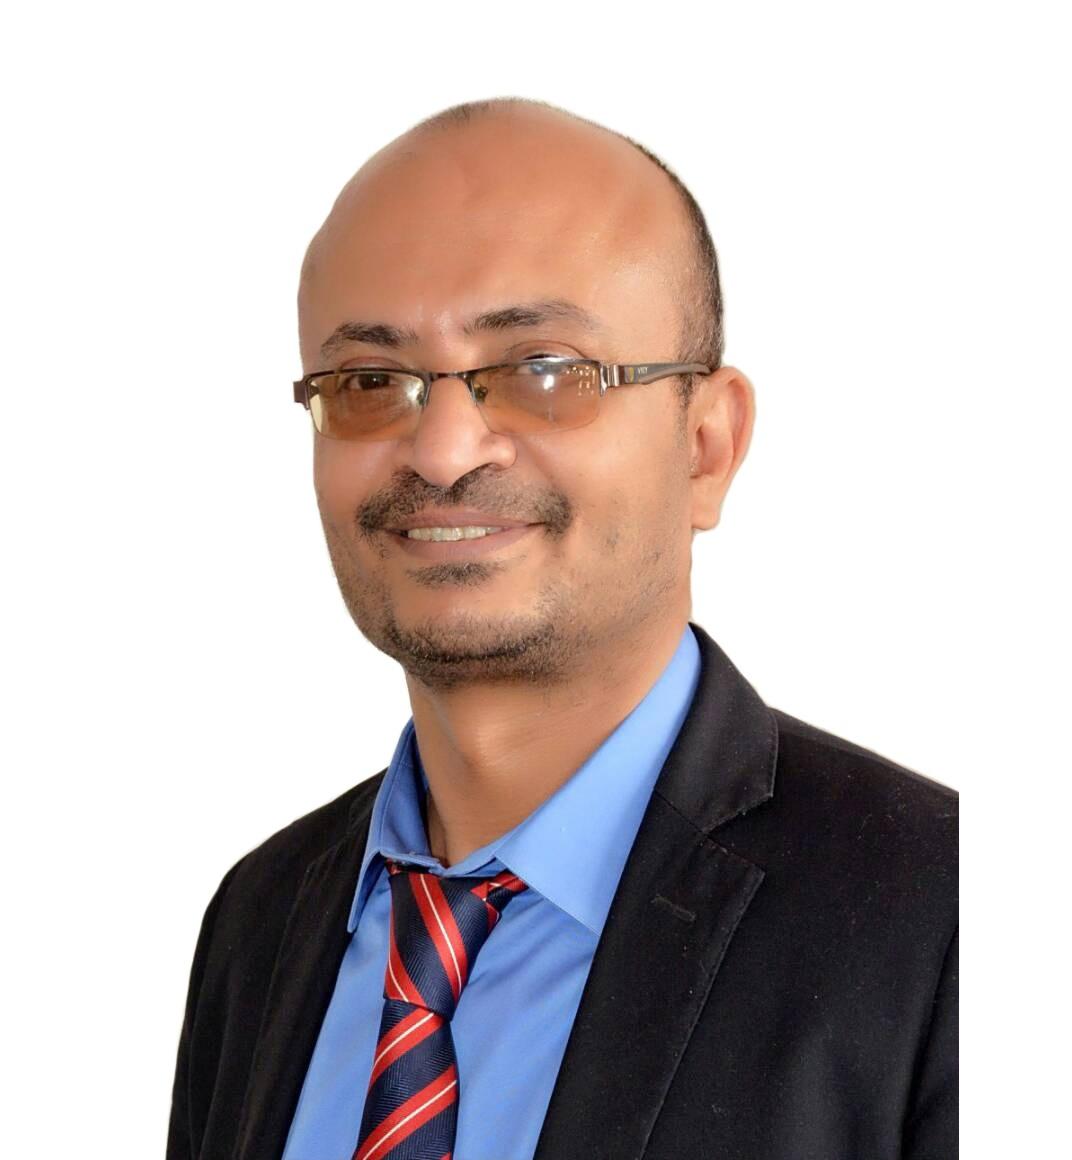 Dr. Riyadh Alkirshi